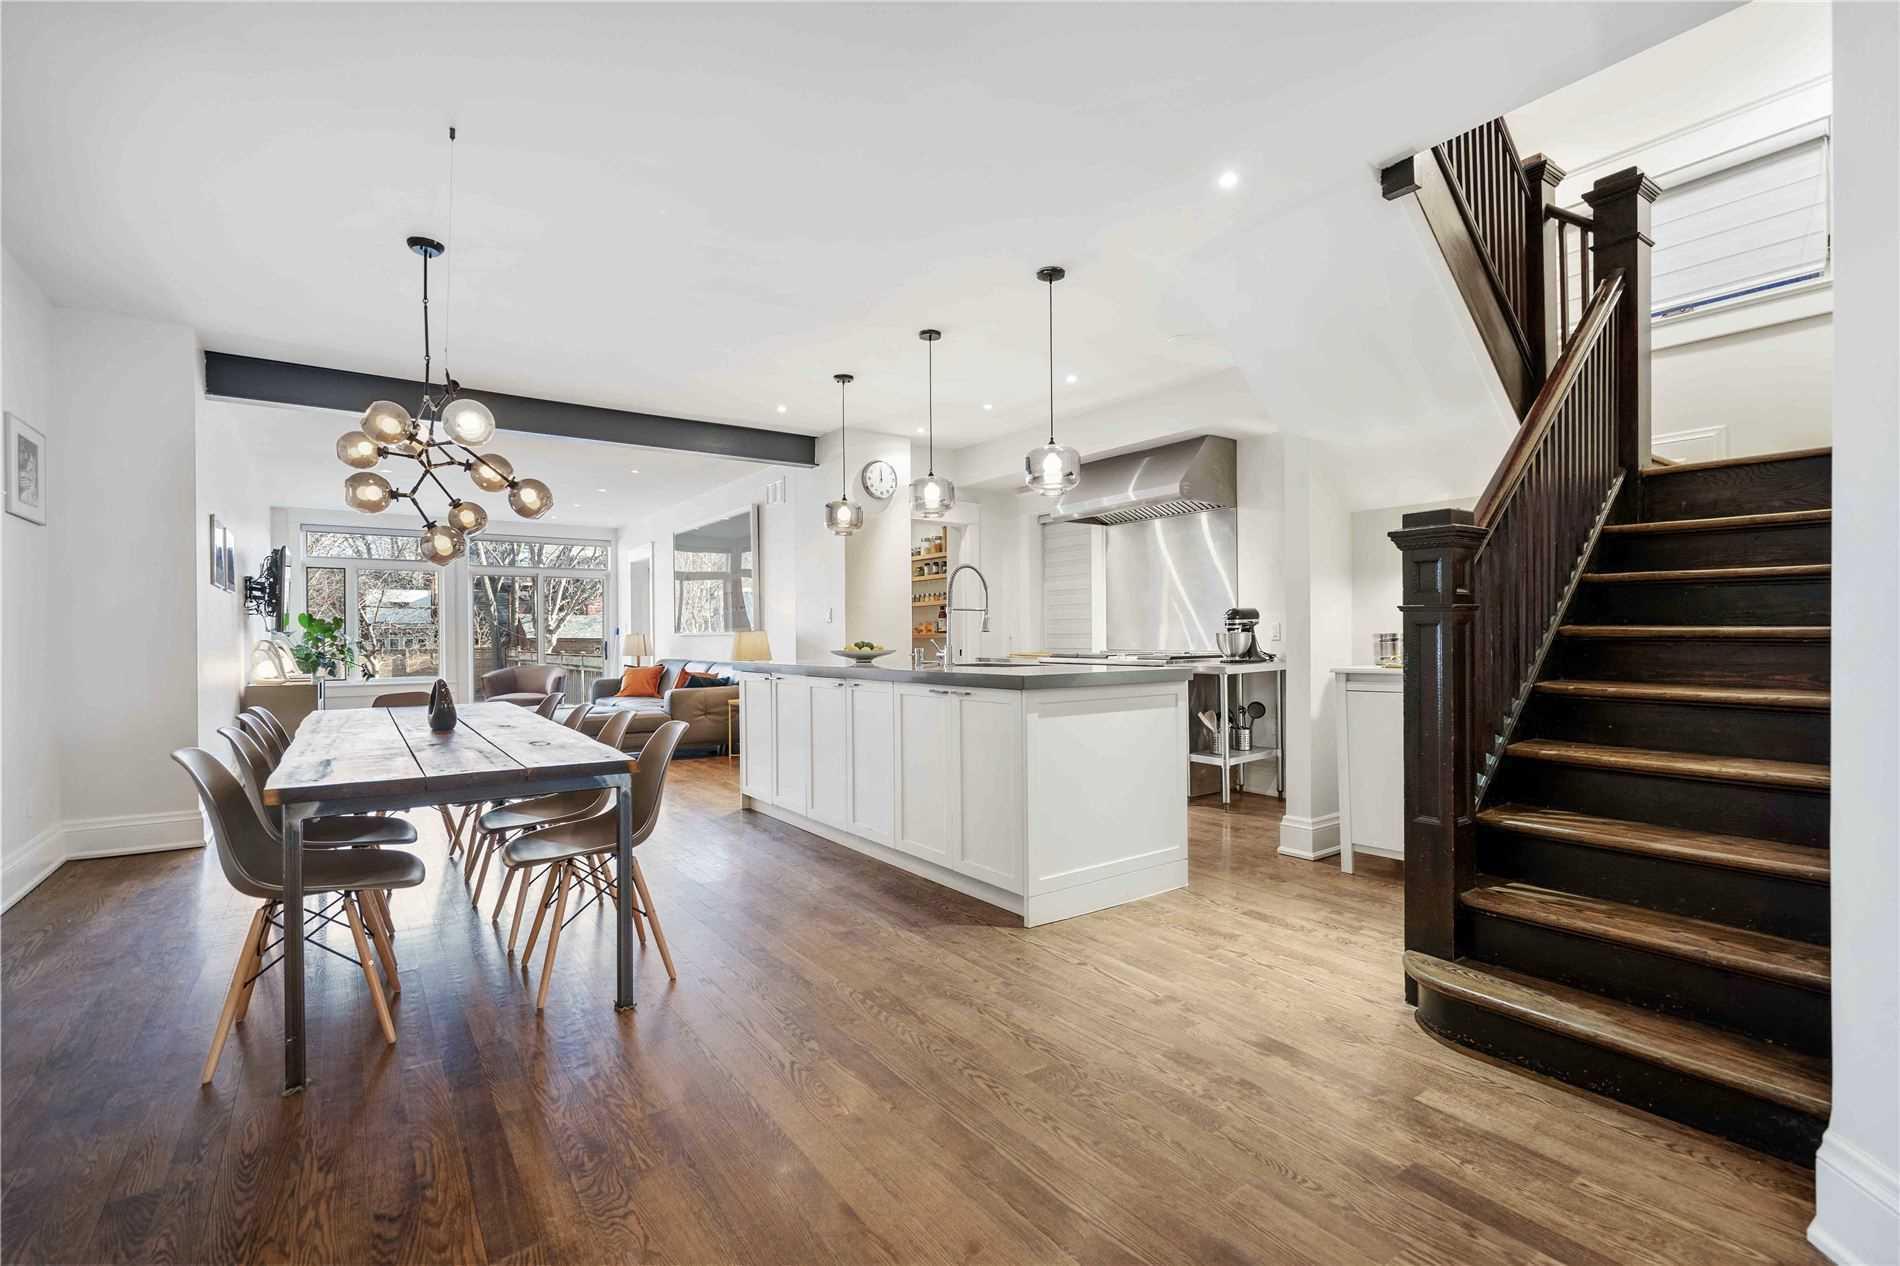 207 Dunn Ave, Toronto, Ontario M6K2S1, 4 Bedrooms Bedrooms, 9 Rooms Rooms,4 BathroomsBathrooms,Detached,For Sale,Dunn,W5084186